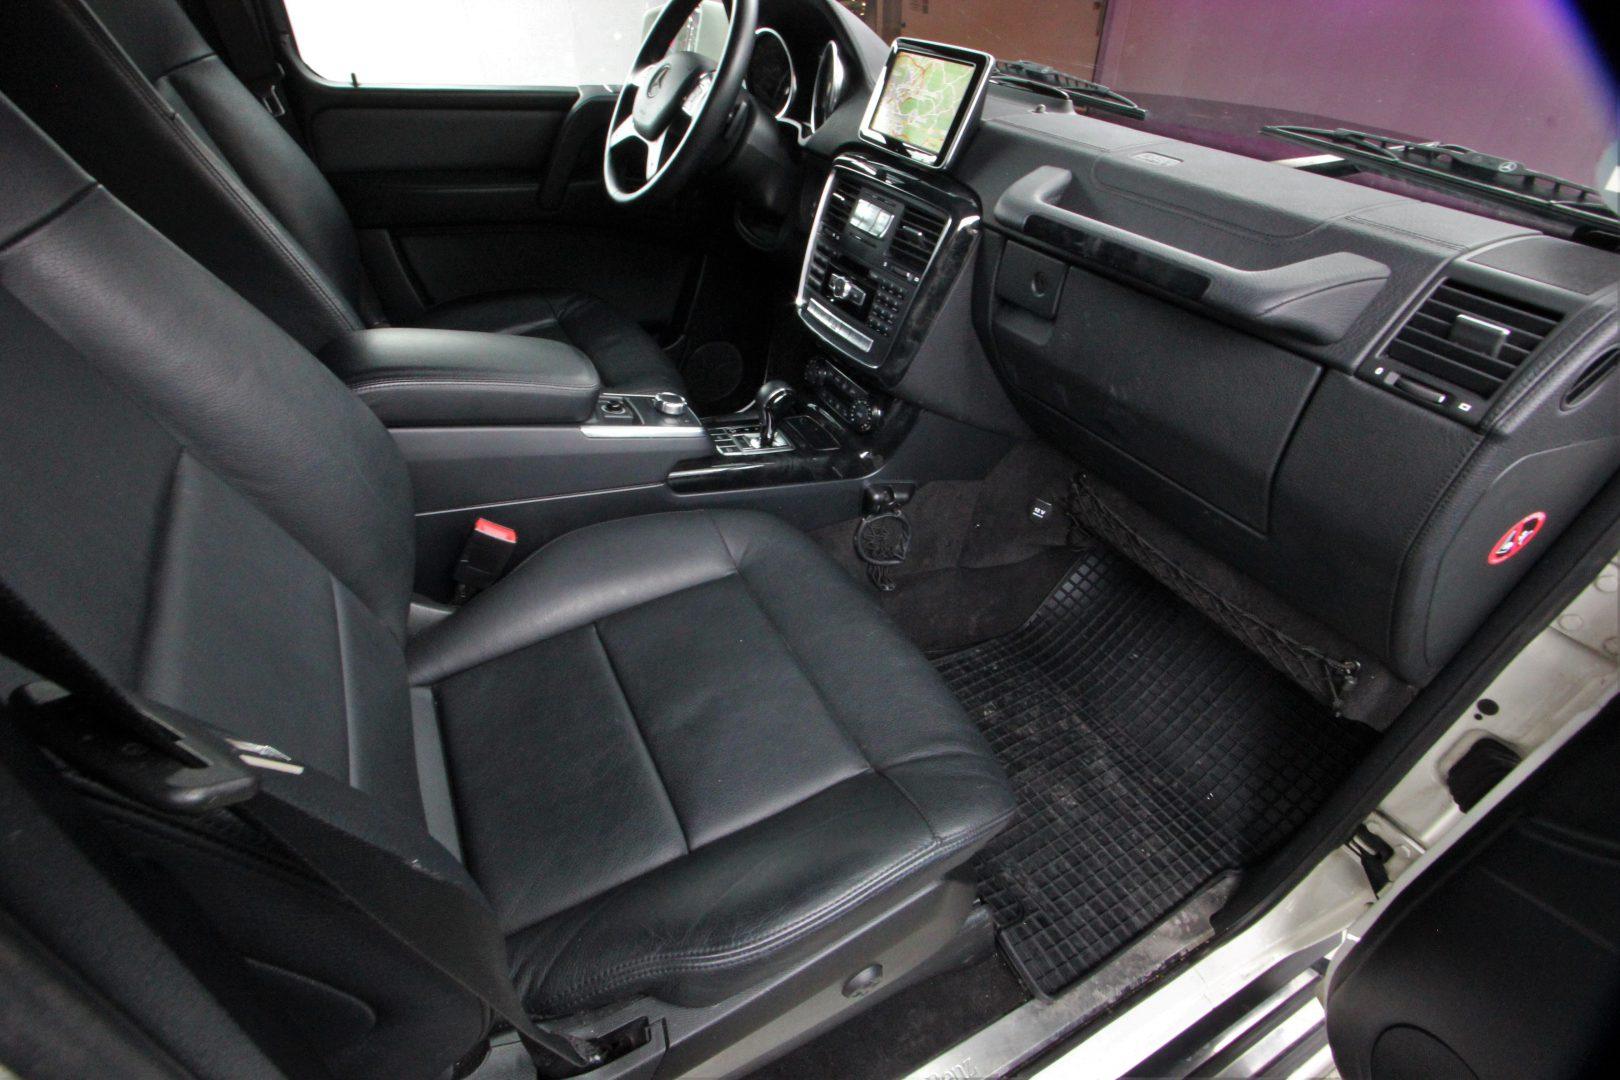 AIL Mercedes-Benz G 350 BlueTec 9